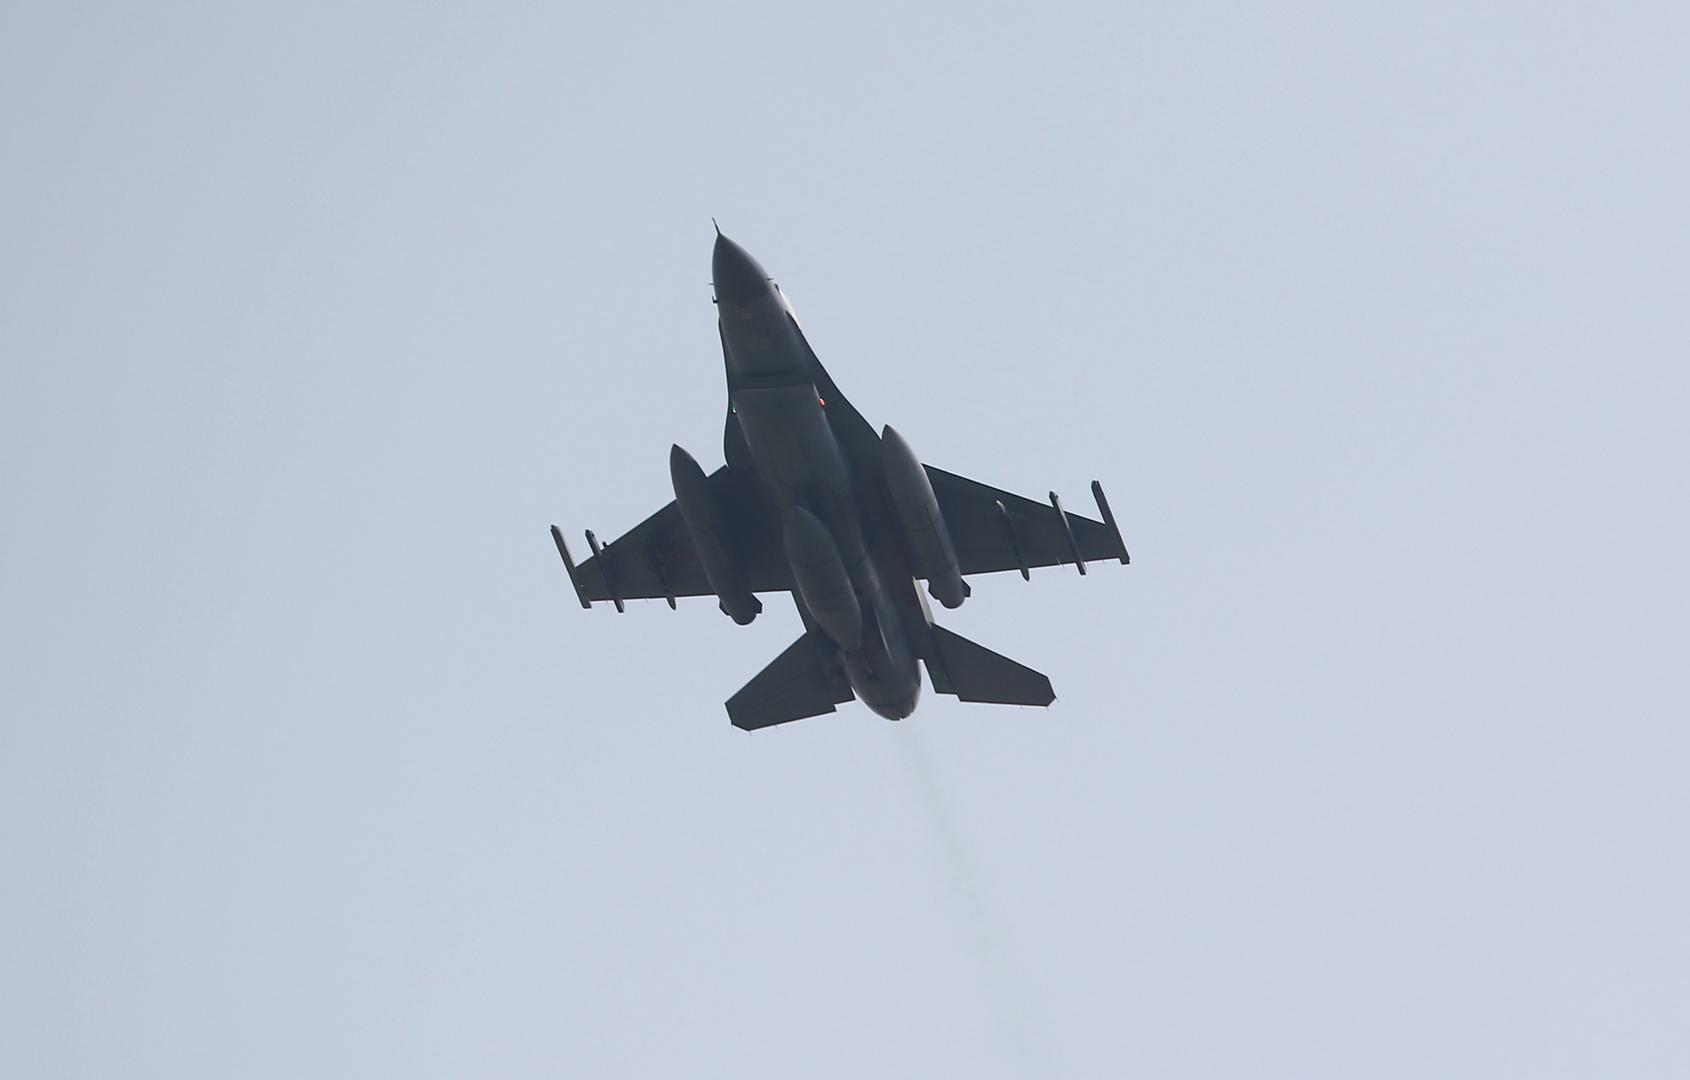 تركيا تتعهد بتعبئة قواتها العسكرية البرية والجوية لإخراج الجيش السوري